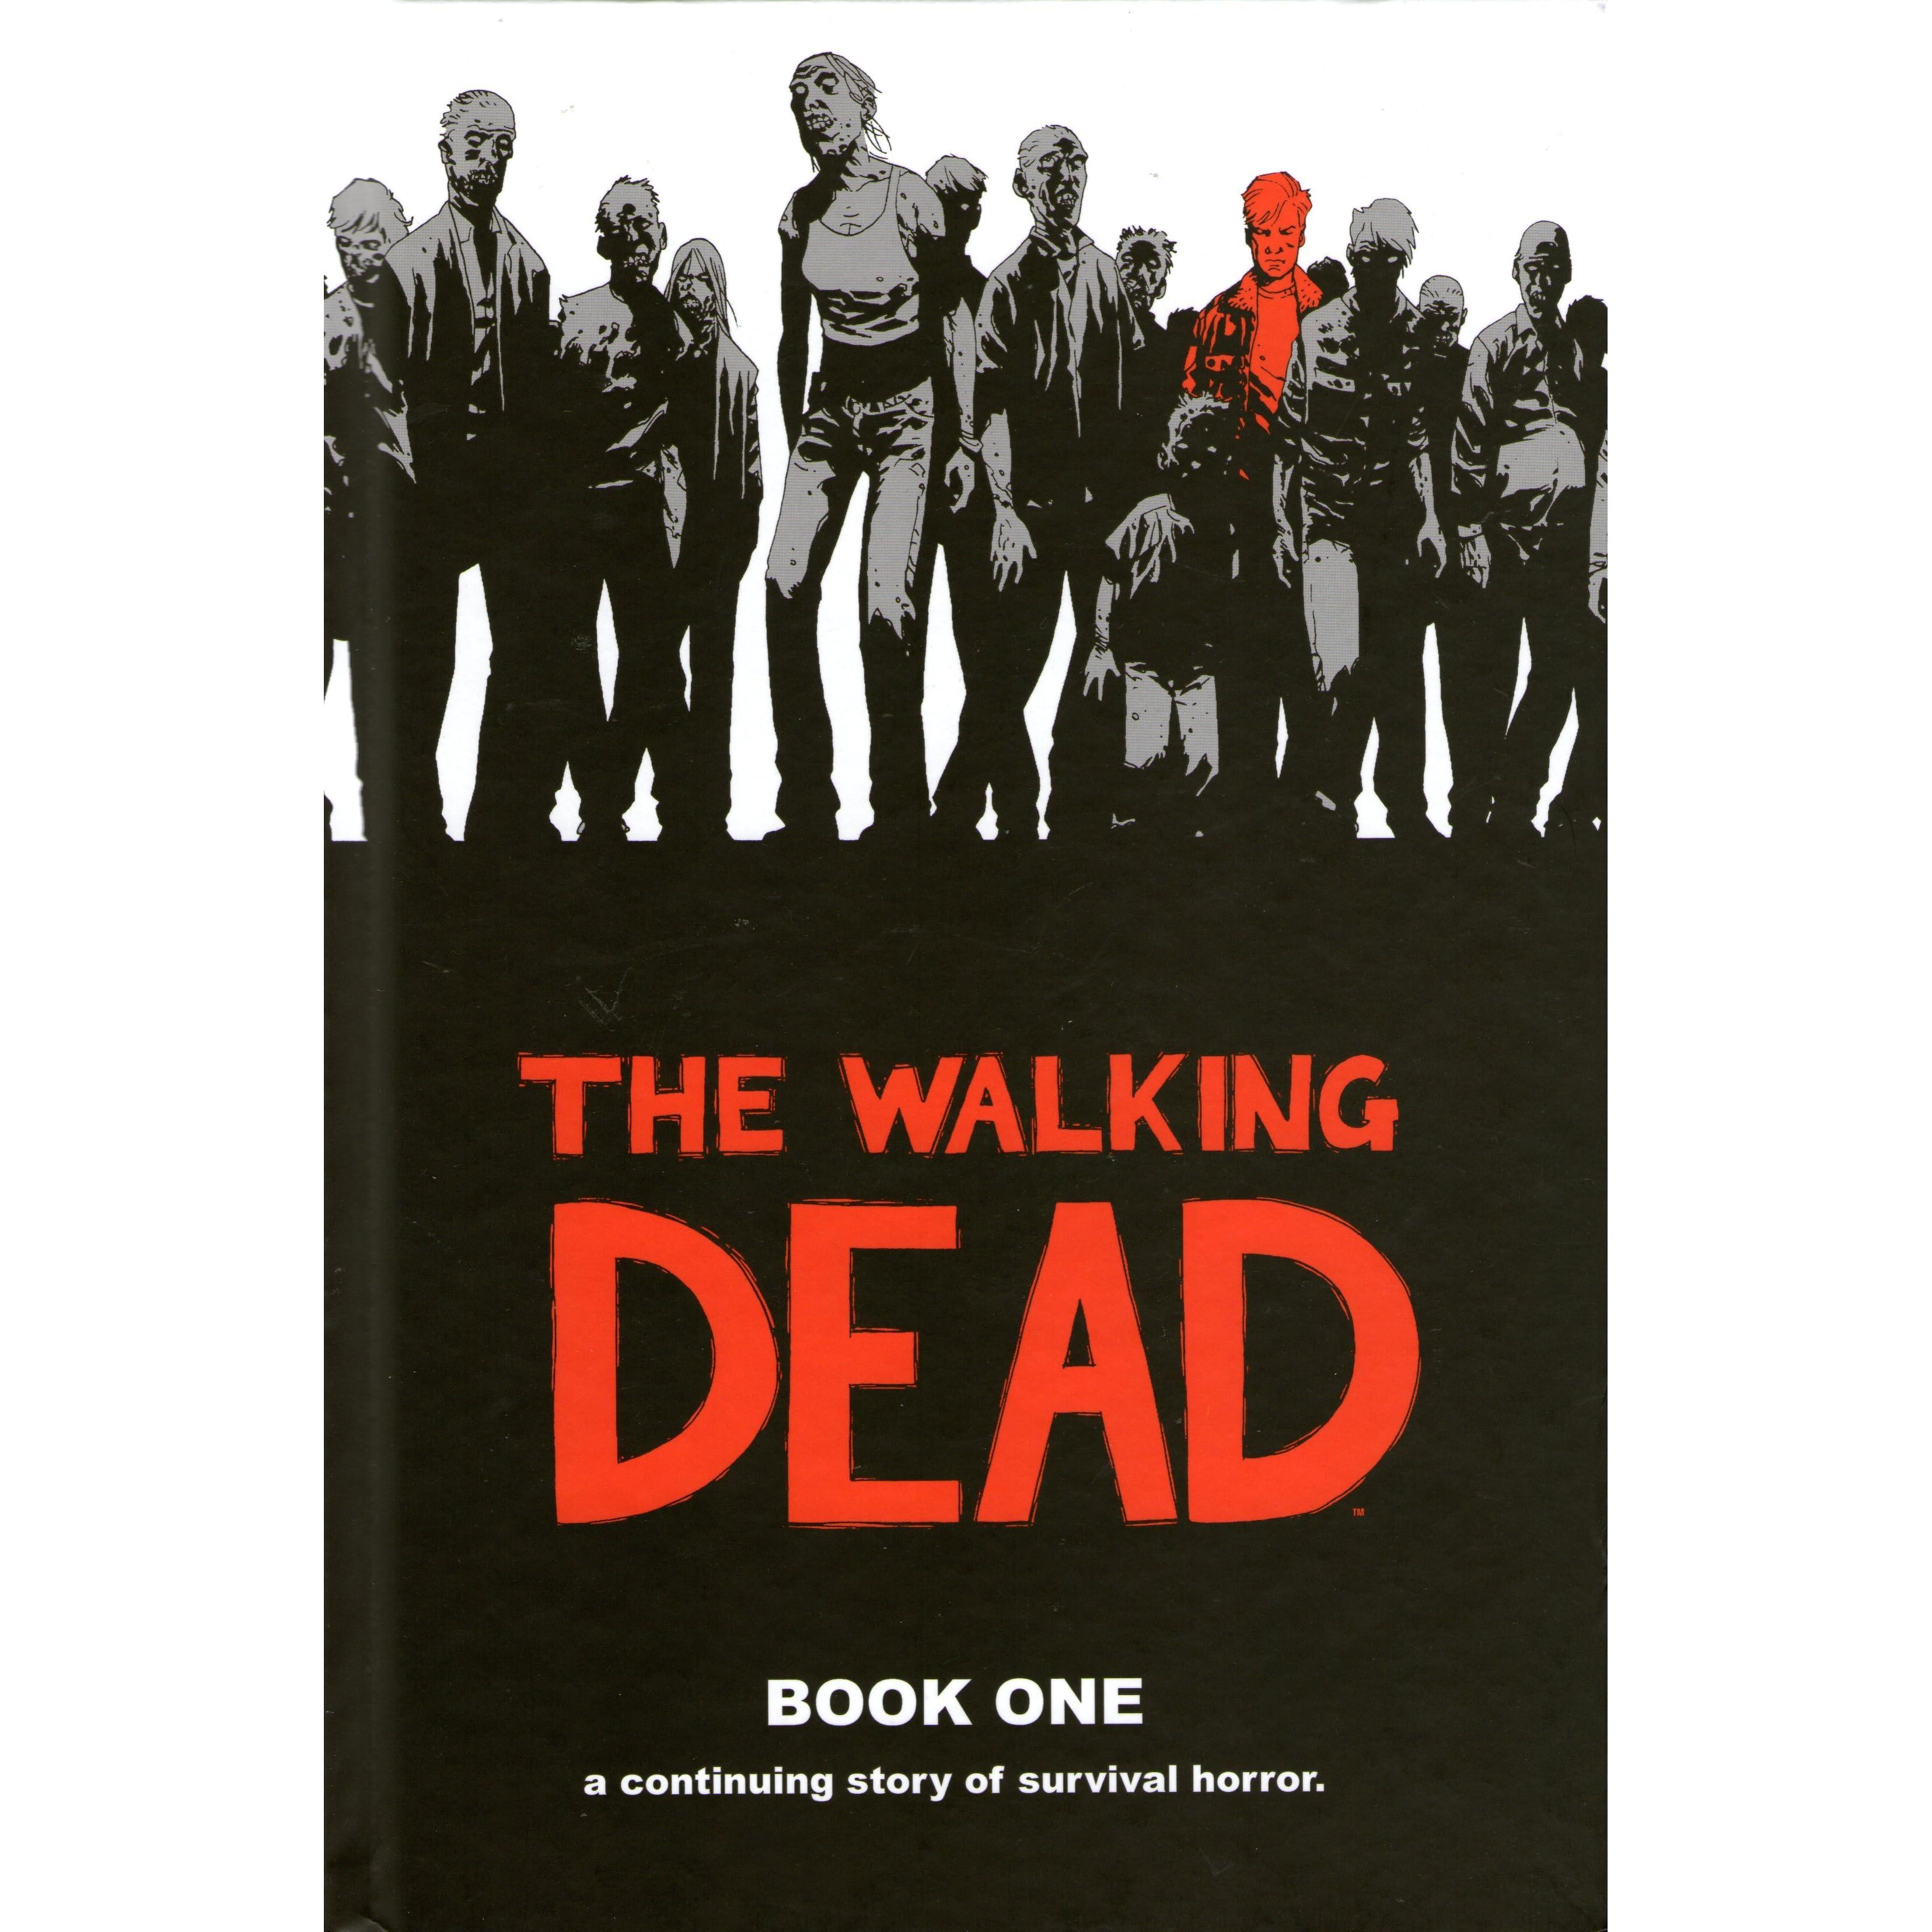 The Walking Dead, Book One (the Walking Dead #112) By